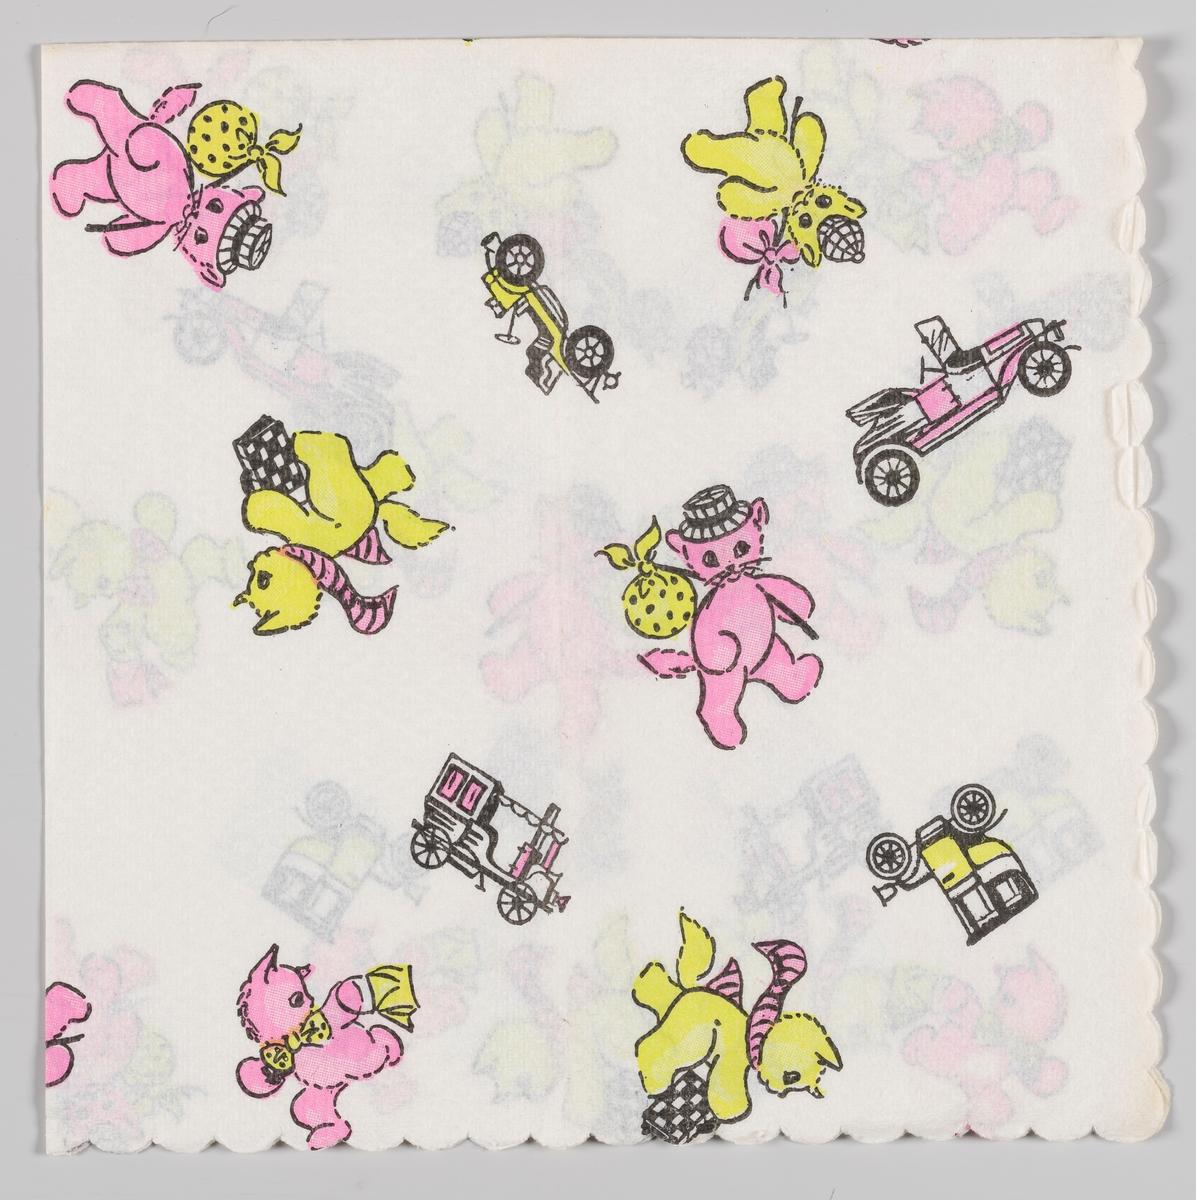 Gule og rosa katter med hatter, tøyknyter, vesker, halstørkler og sløyfer. Gule og rosa veteranbiler.